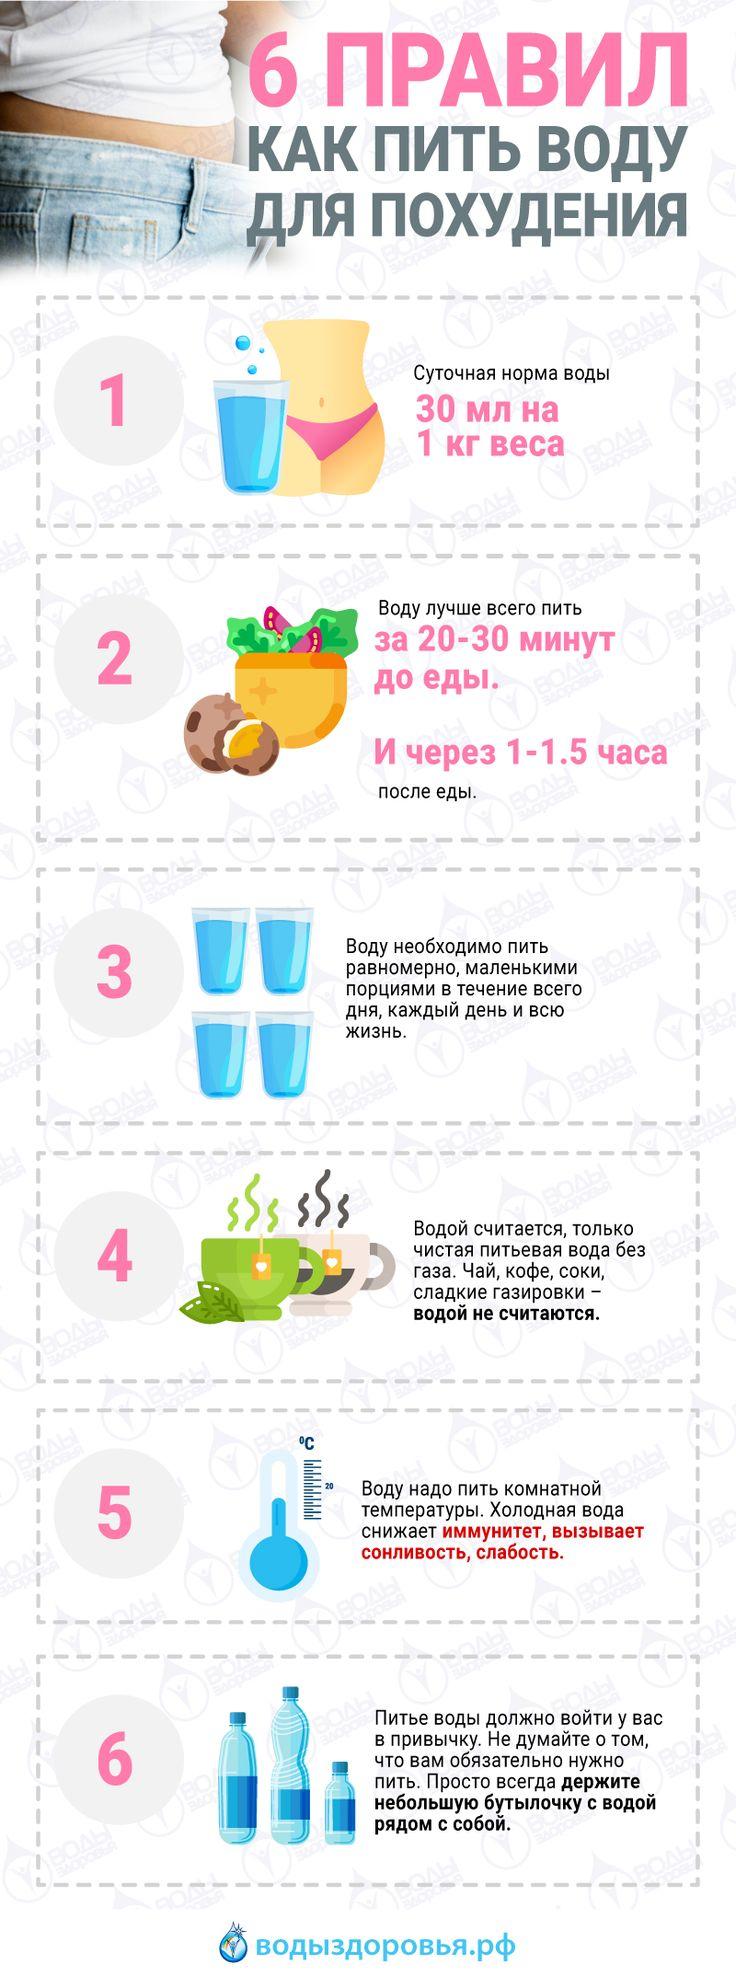 Похудеть пить вода